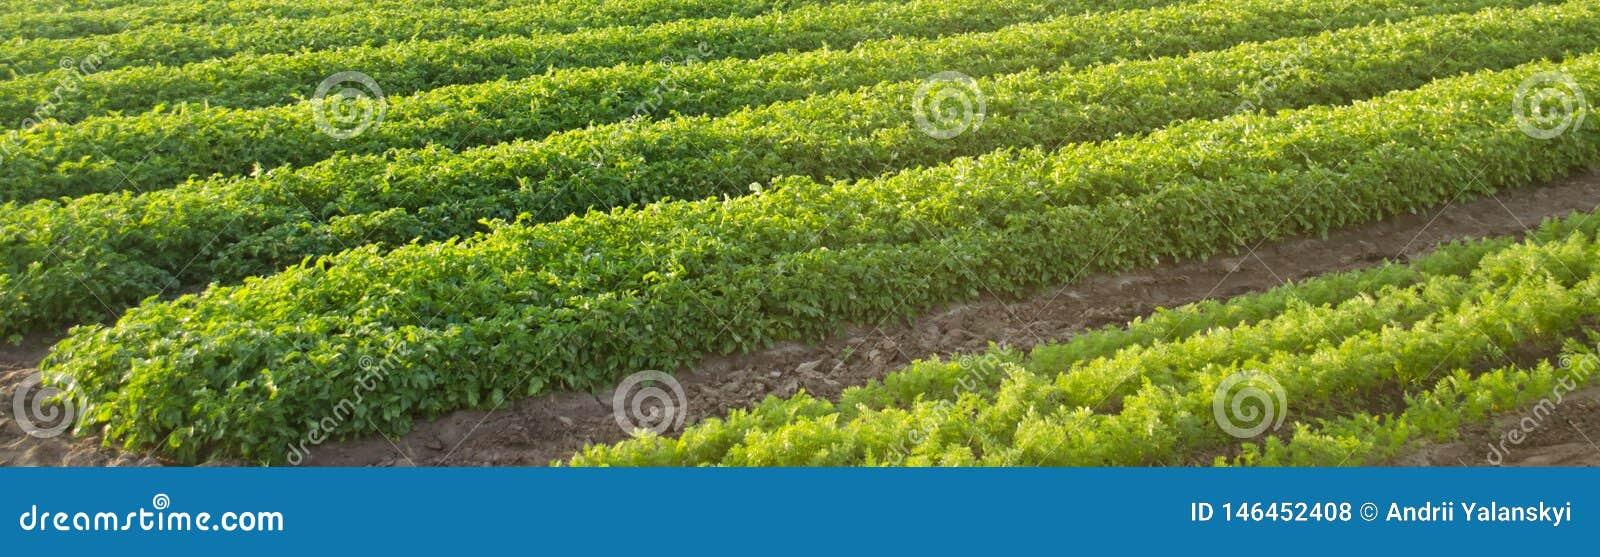 Karottenplantagen wachsen auf dem Gebiet landwirtschaft Organisches Gem?se Gem?sereihen bewirtschaften fahne Selektiver Fokus